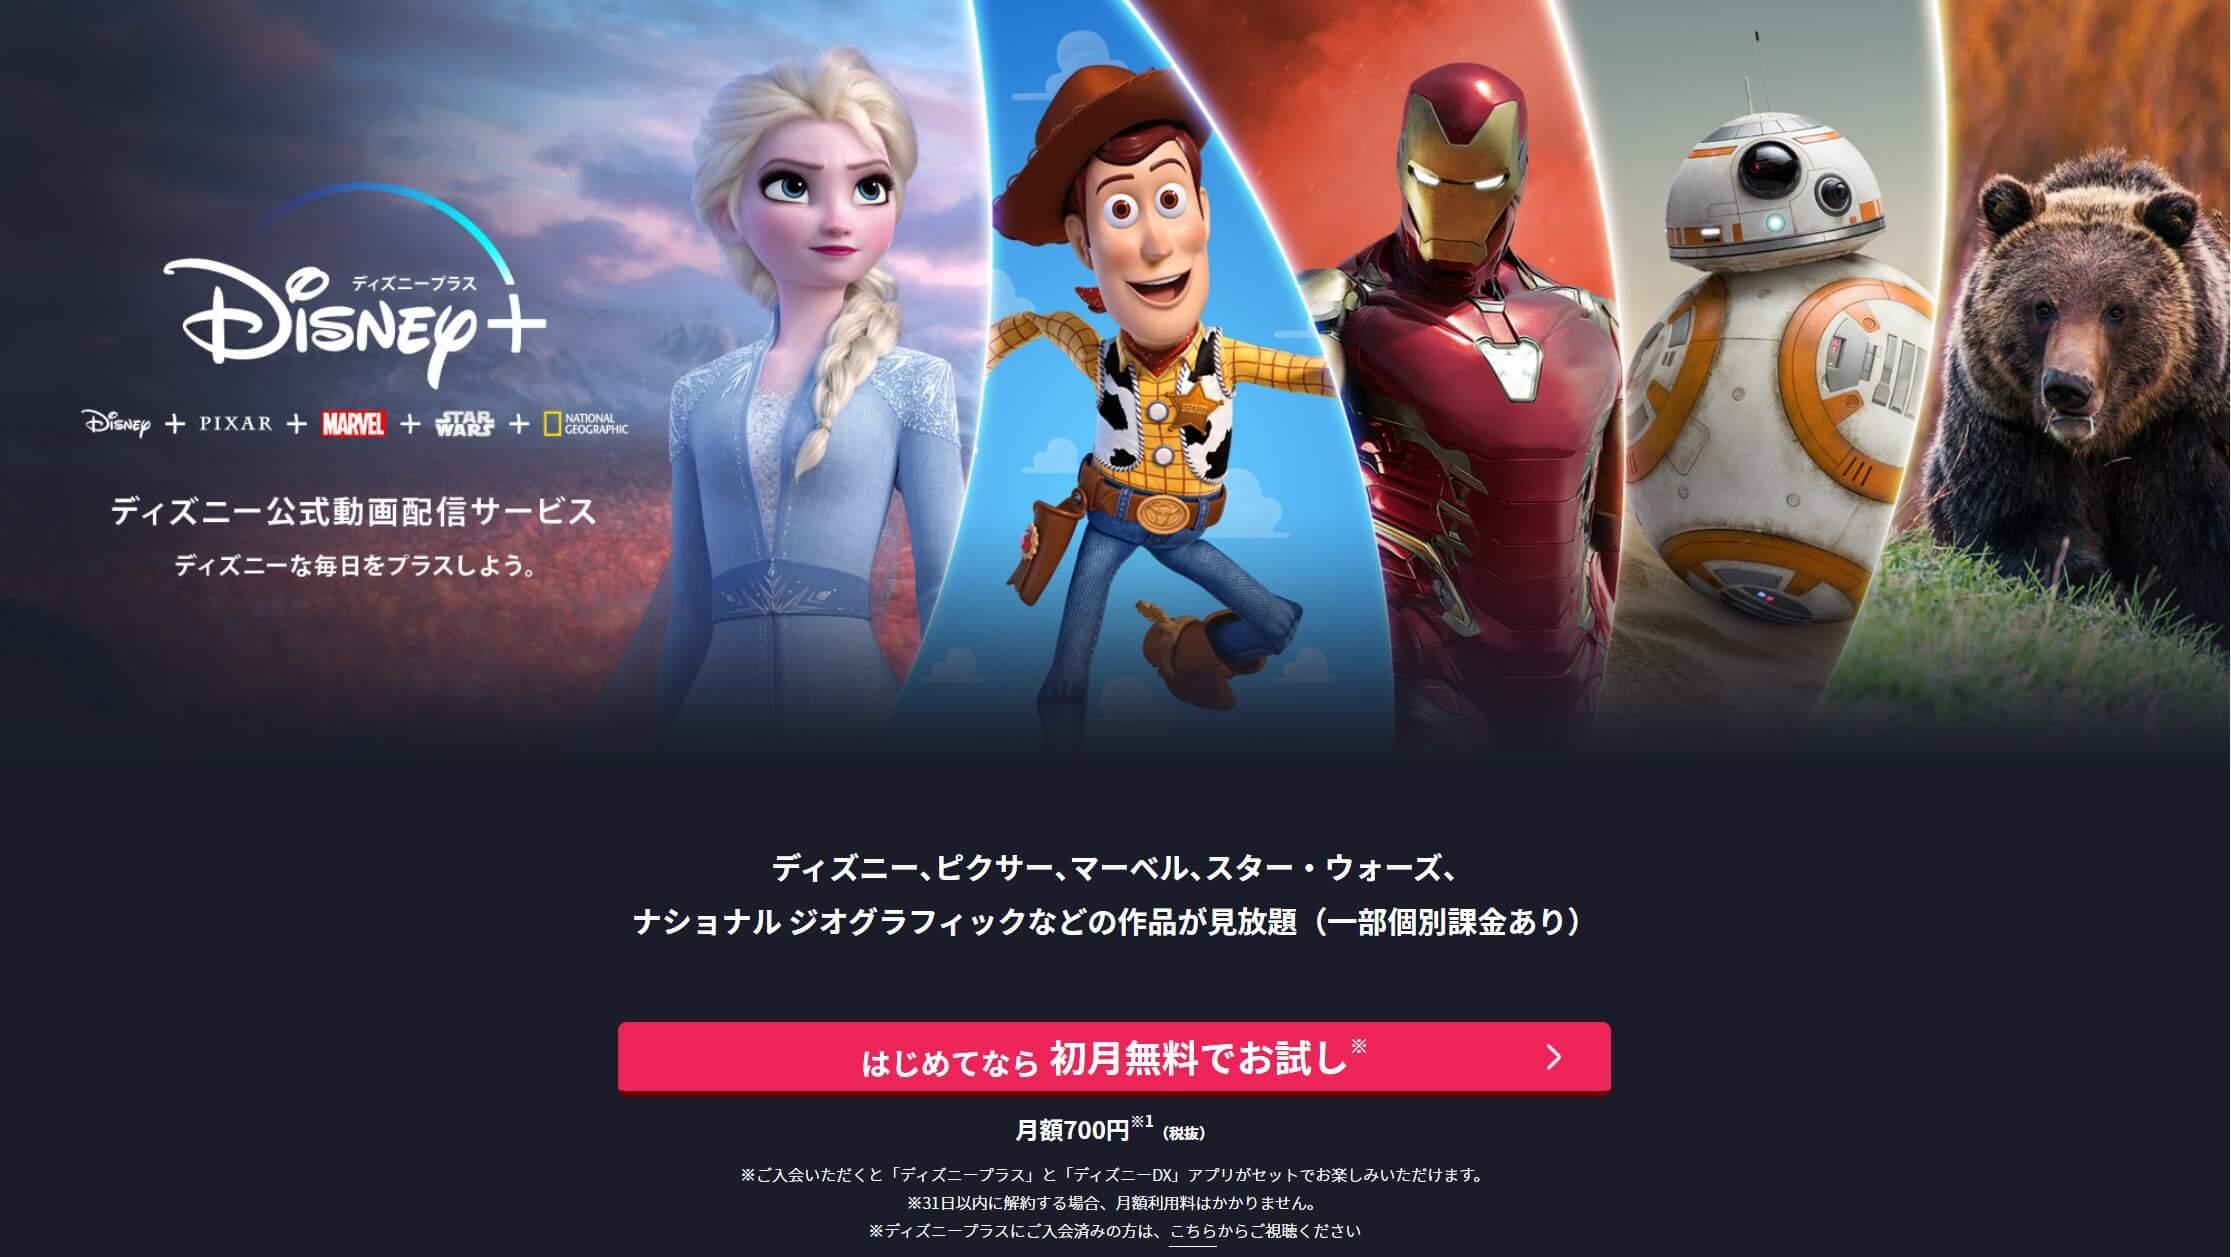 Disney+のTOPページ